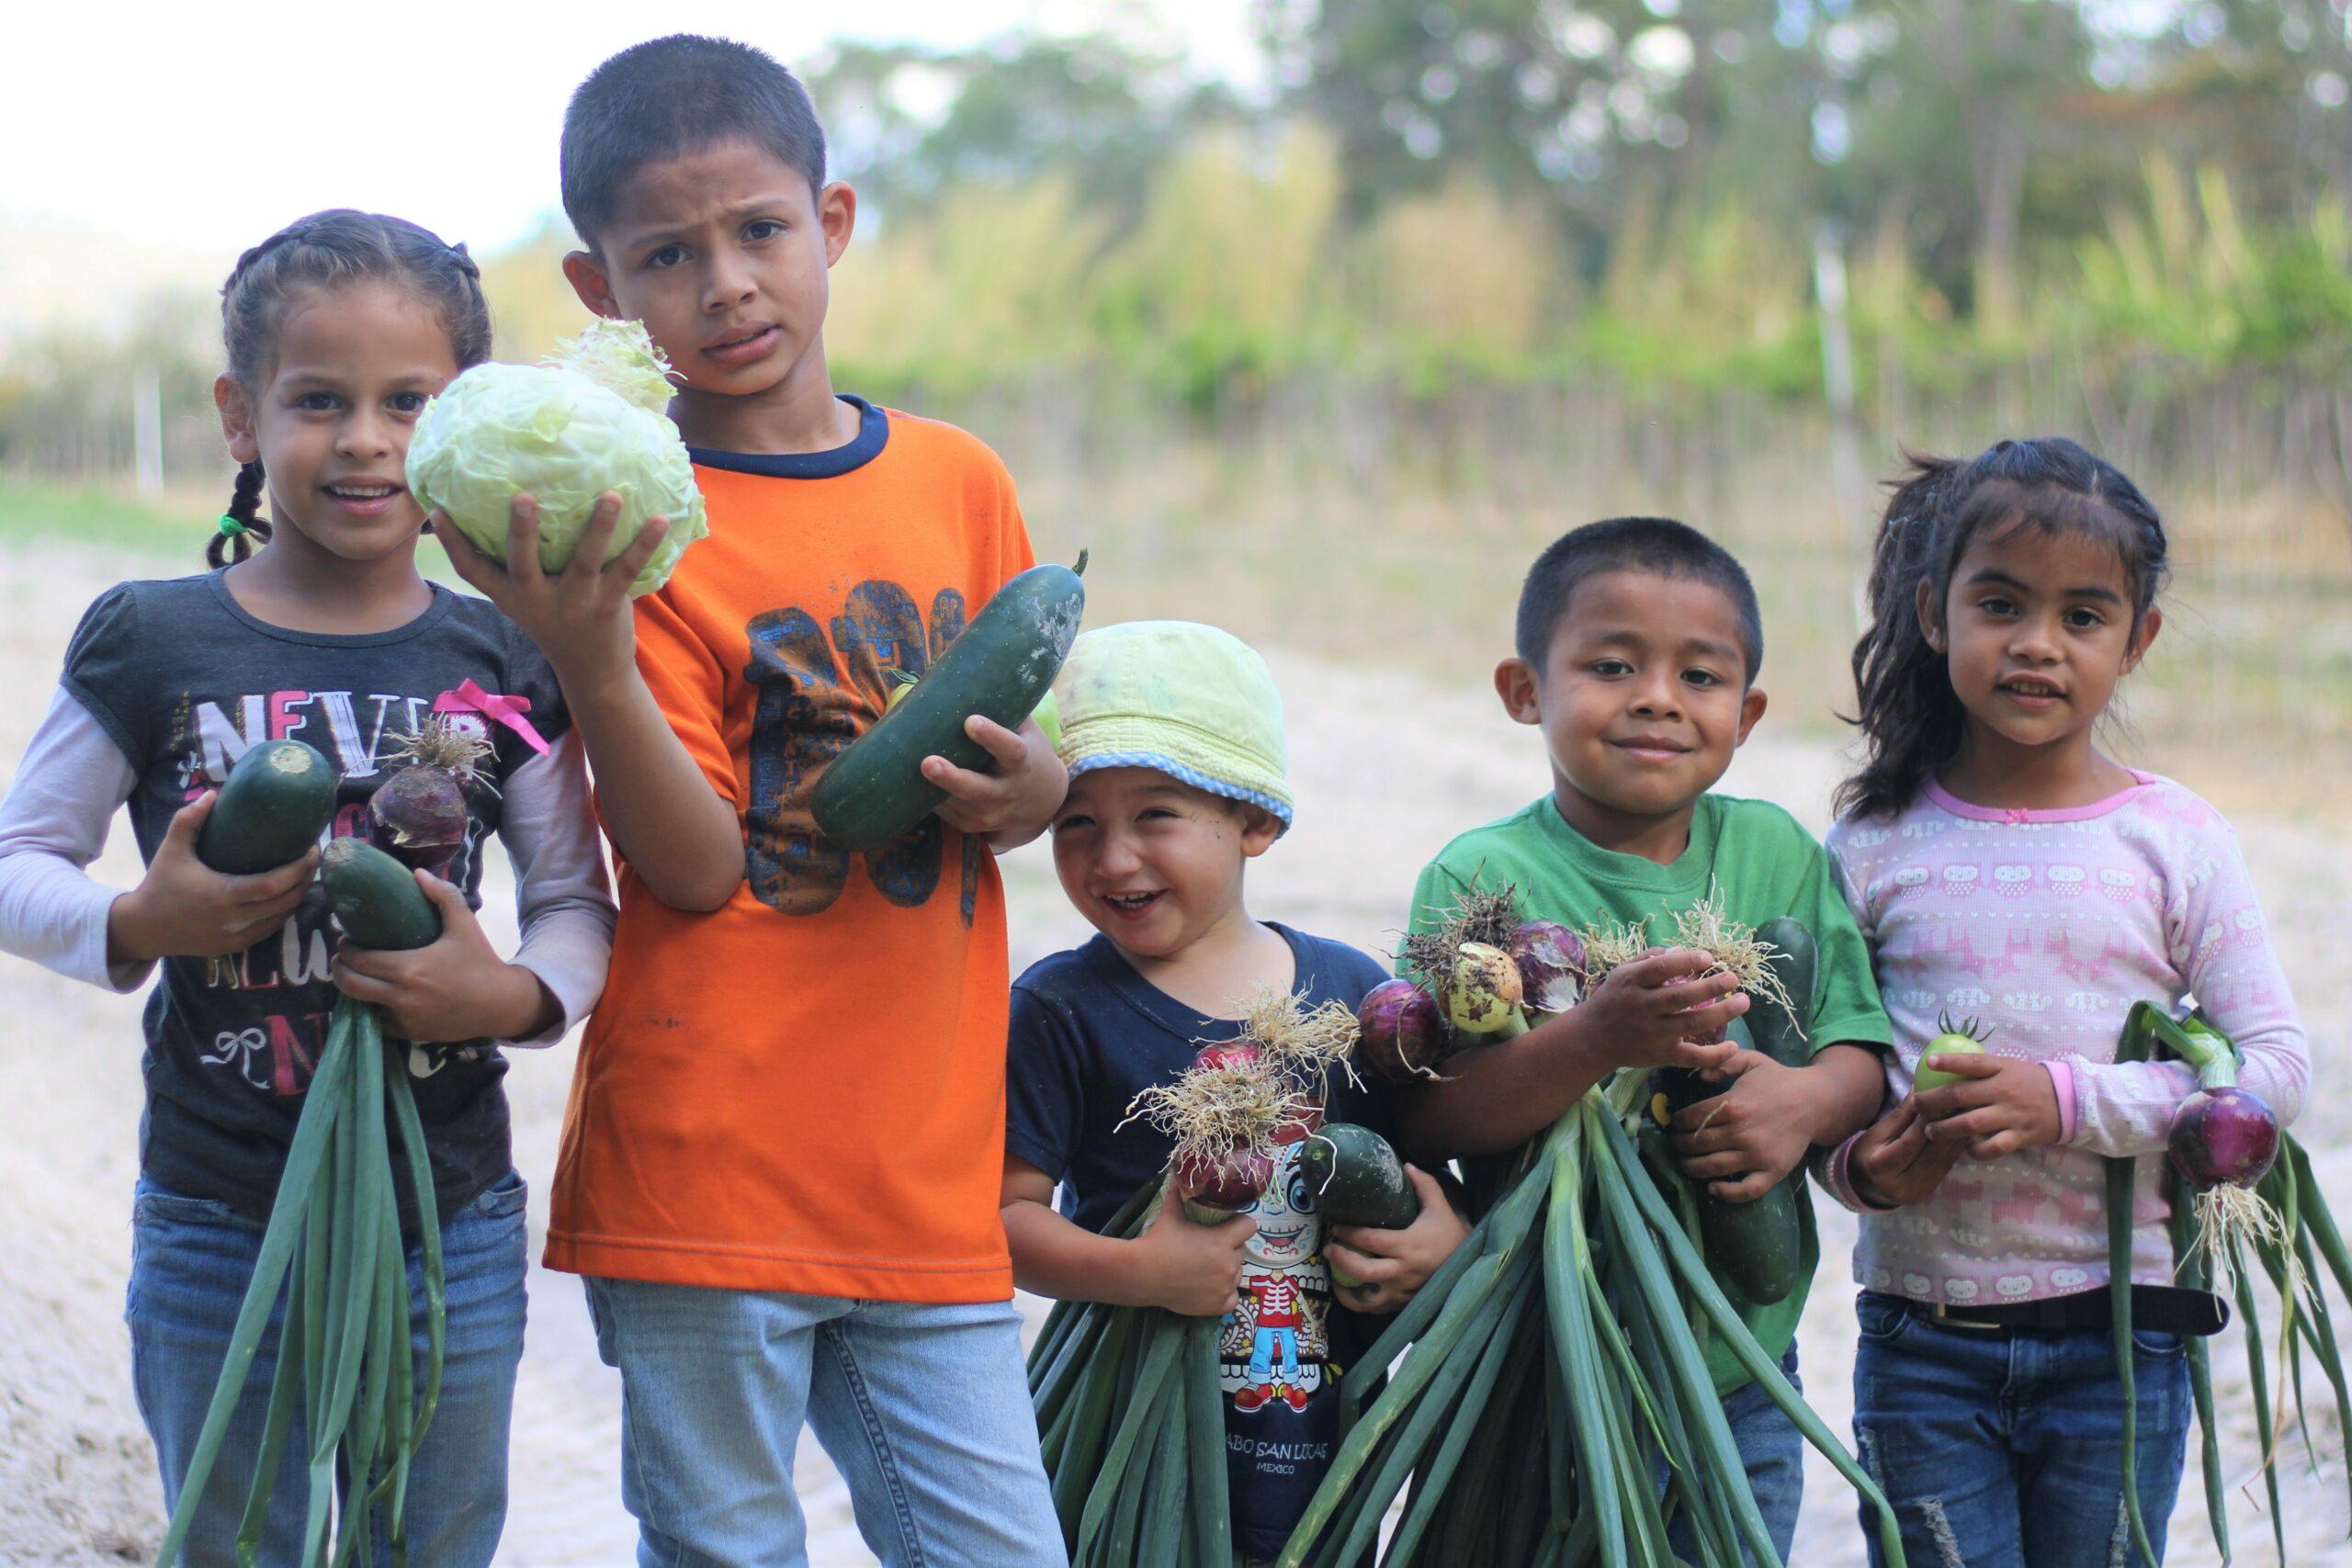 Fünf Kinder halten ihre Ernte vom Tag auf dem Bauernhof hoch.